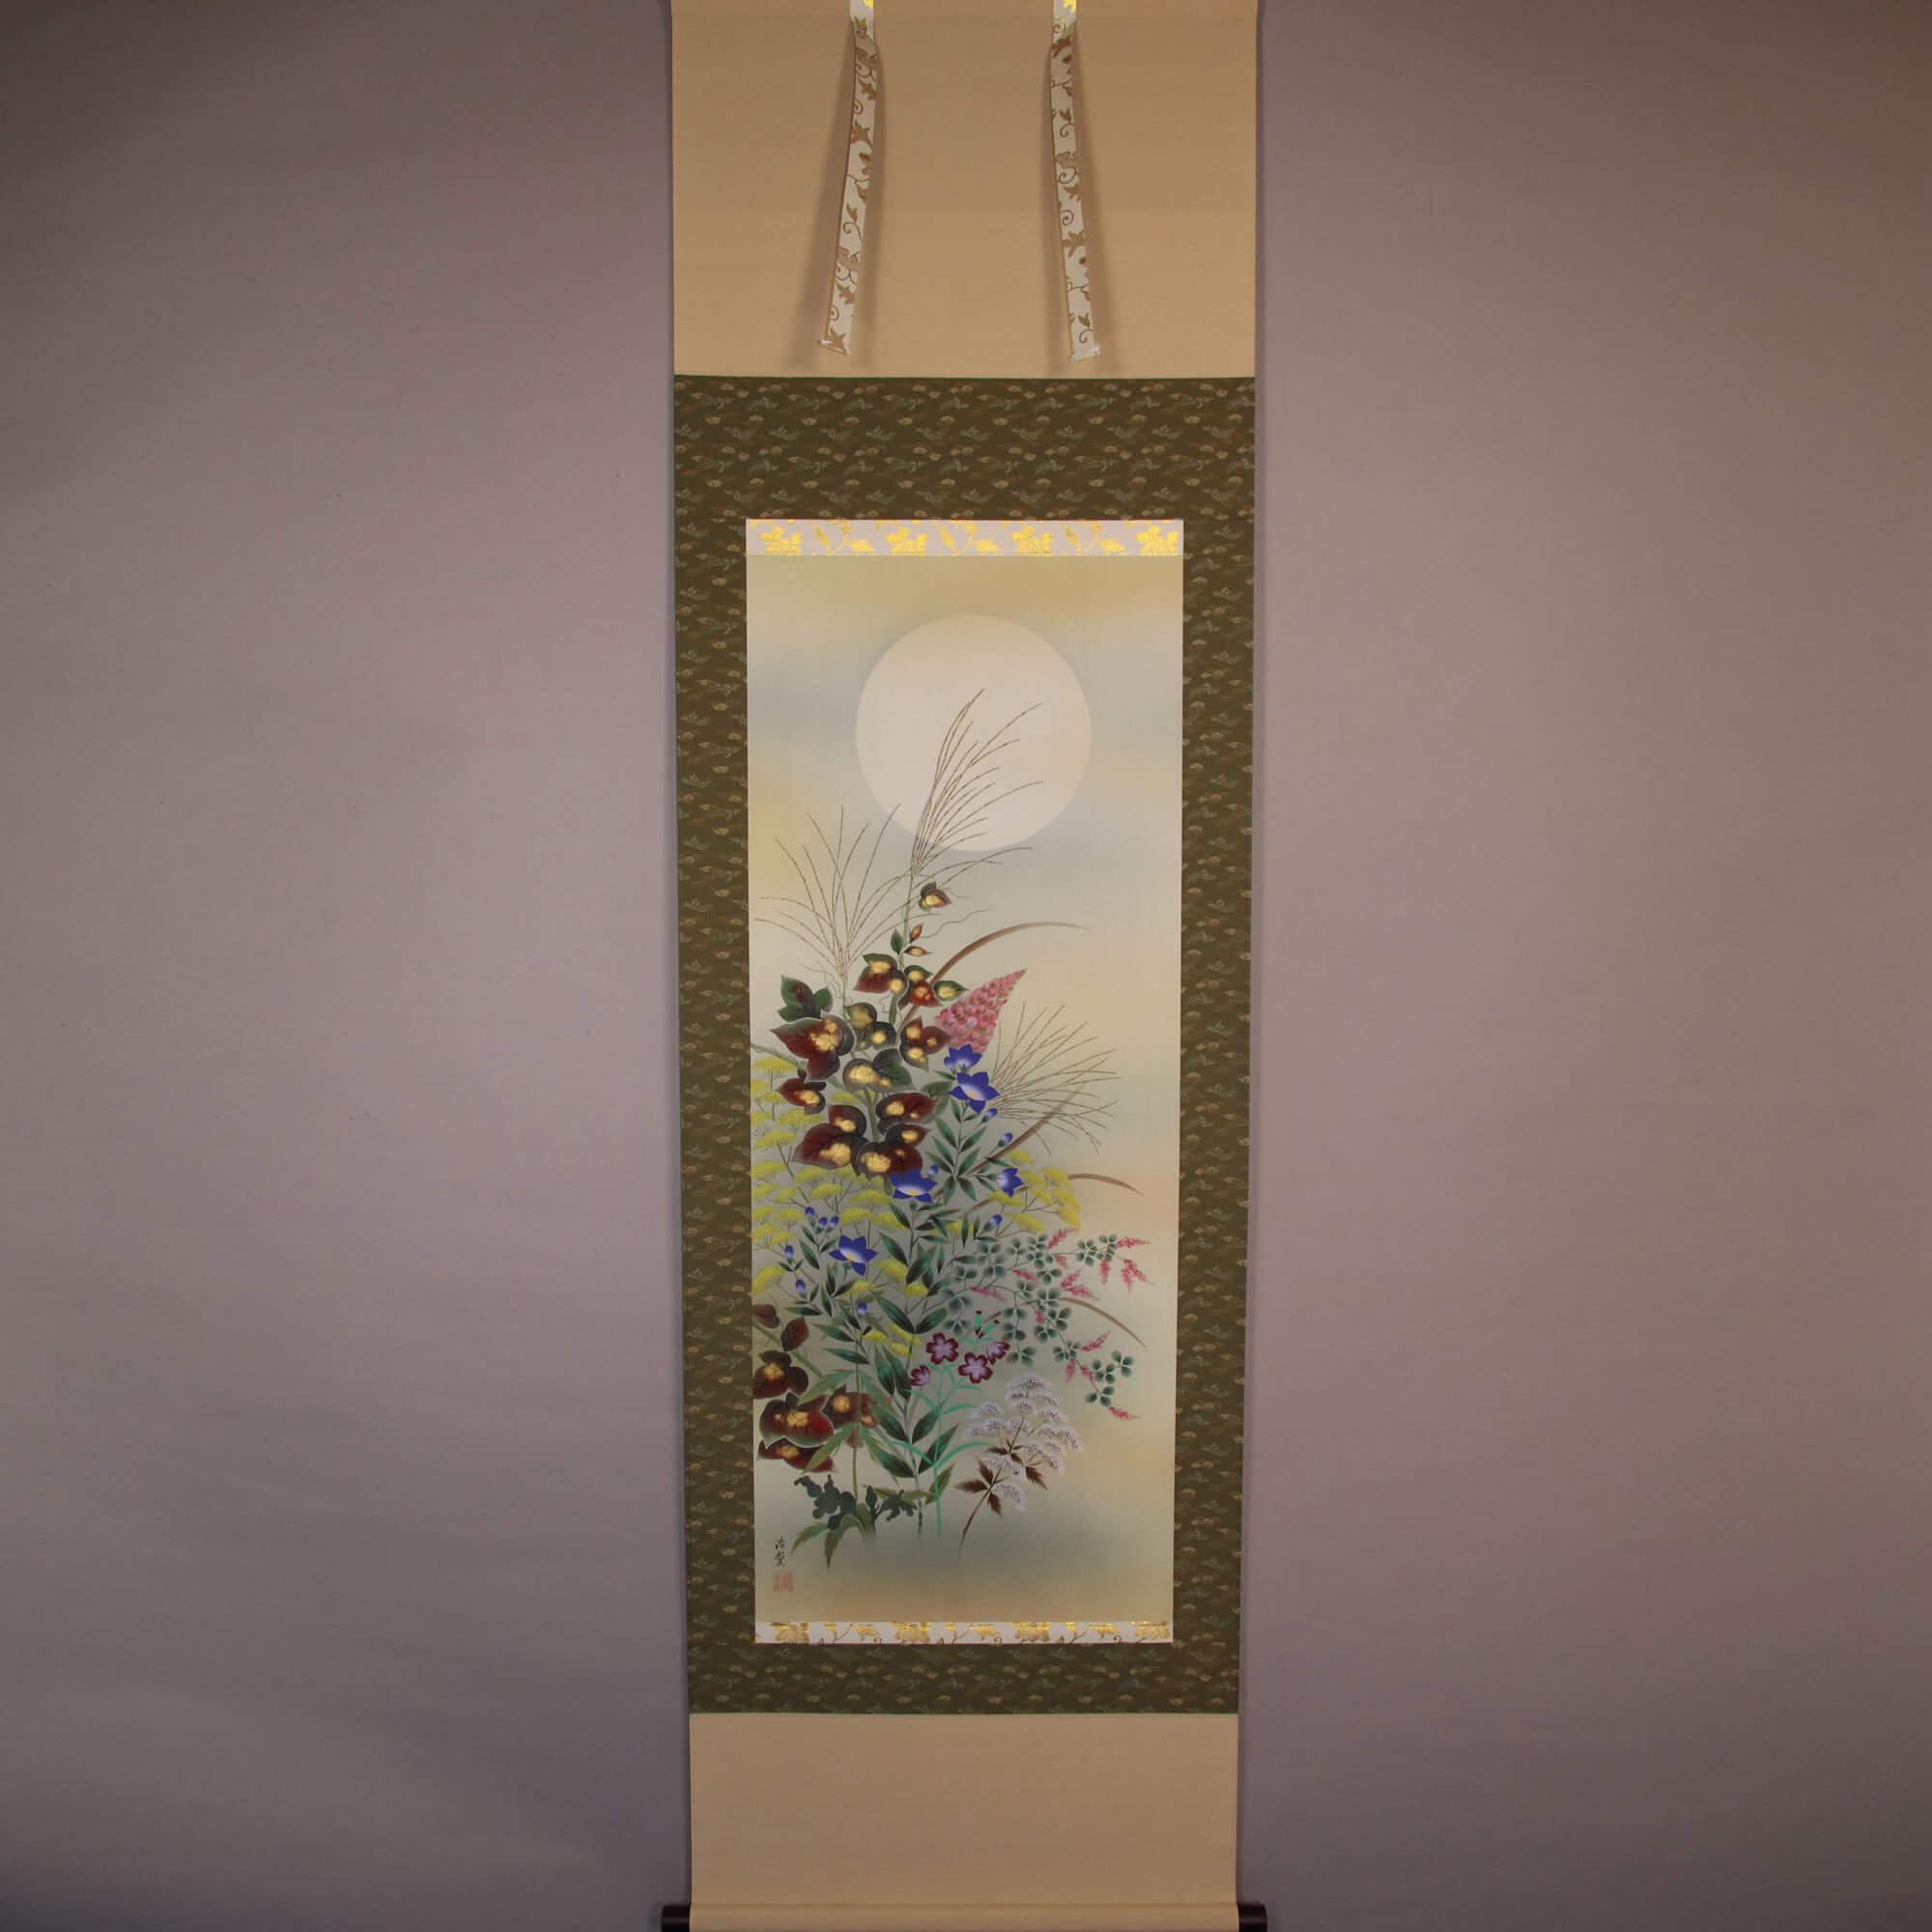 Autumn Flowers and Moon / Sakurai Kōdō